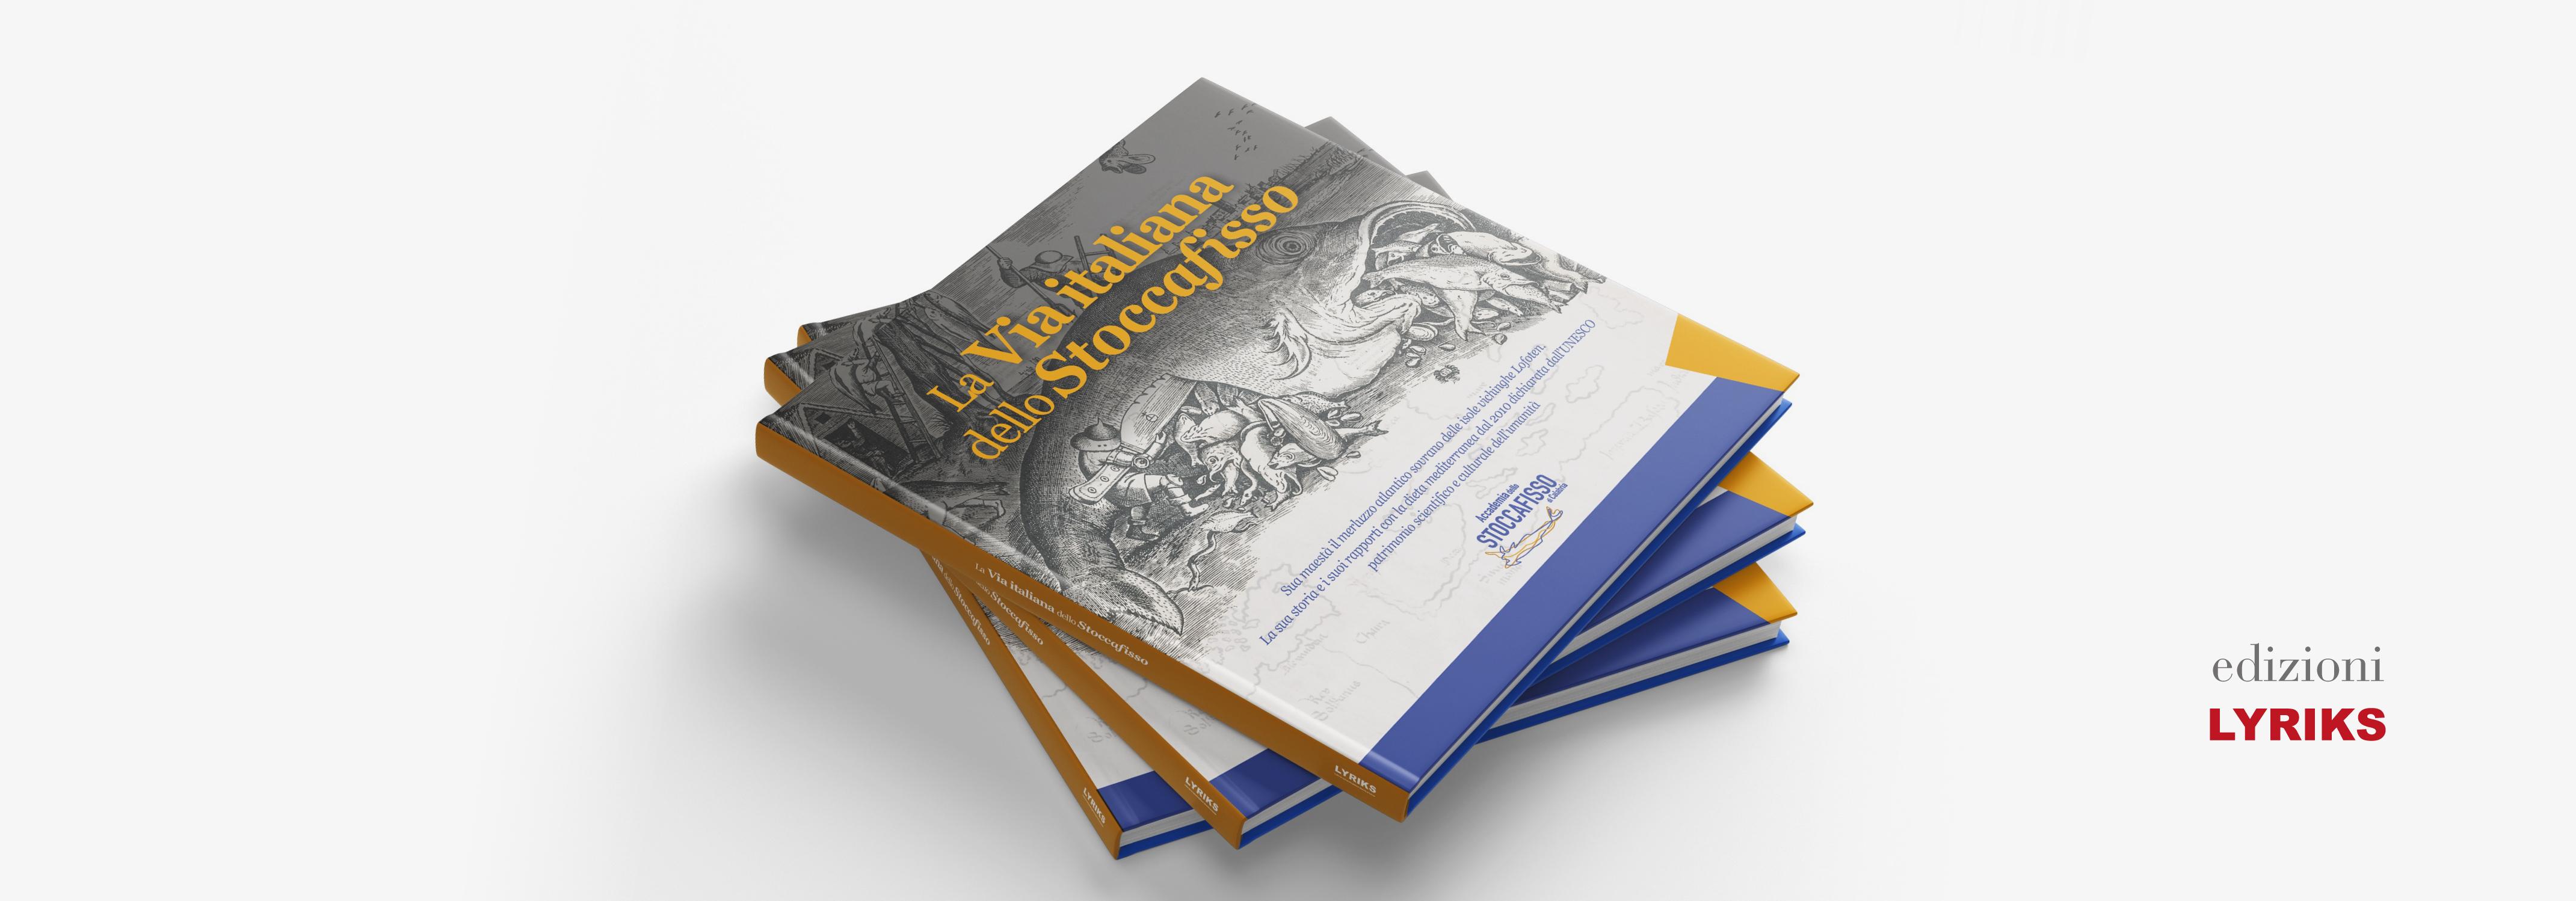 Presentazione libro LA VIA ITALIANA DELLO STOCCAFISSO